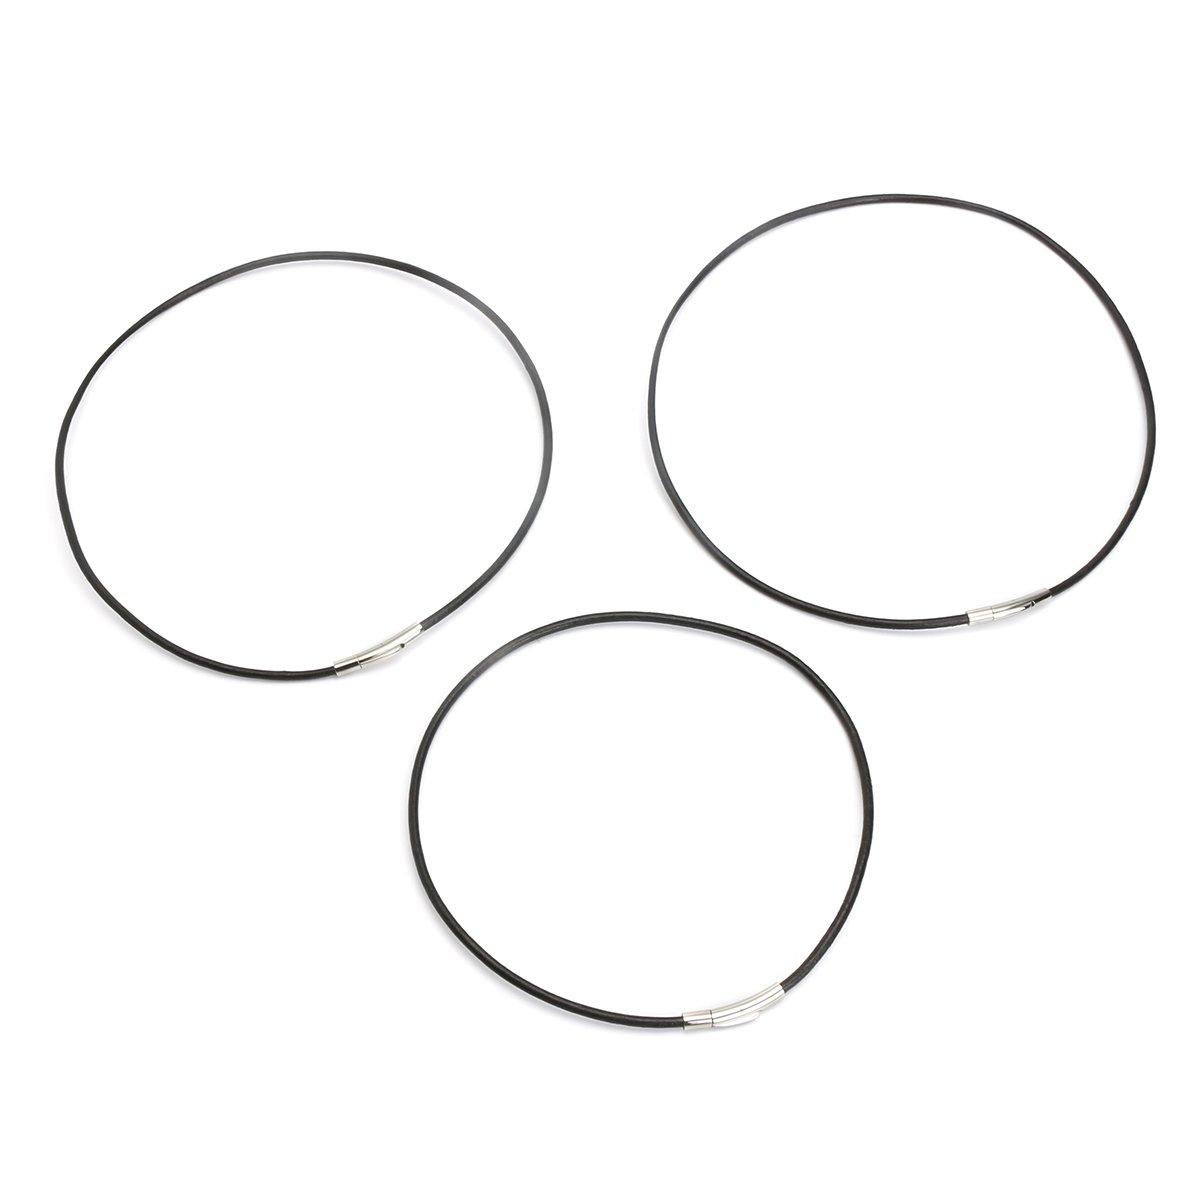 55cm SKNSM Cuerda de Cuerda de Cuero Unisex de Acero Inoxidable de 3 mm de Cadena Cuerda de Cuerda de Cuero Negro Collar de Moda Gargantilla Color : 40cm